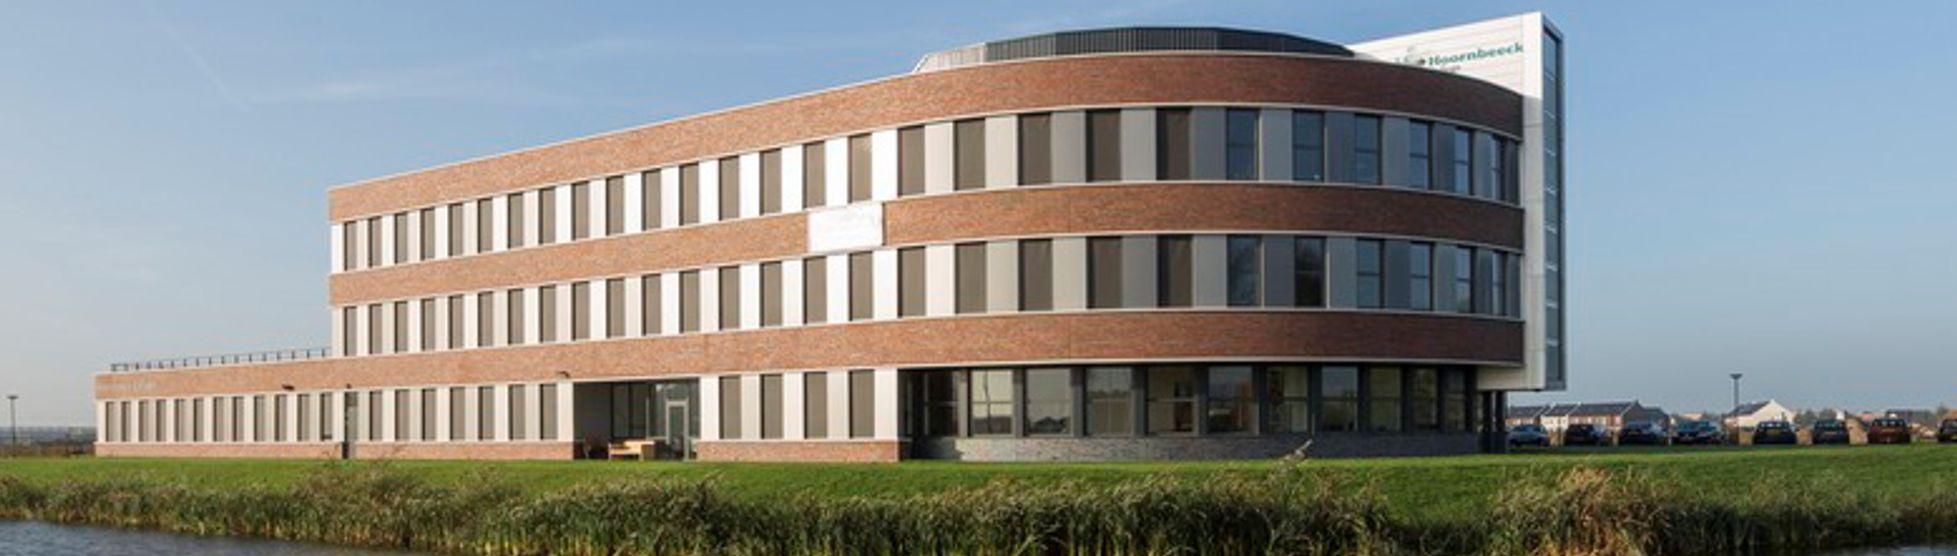 Hoornbeeck, Kampen